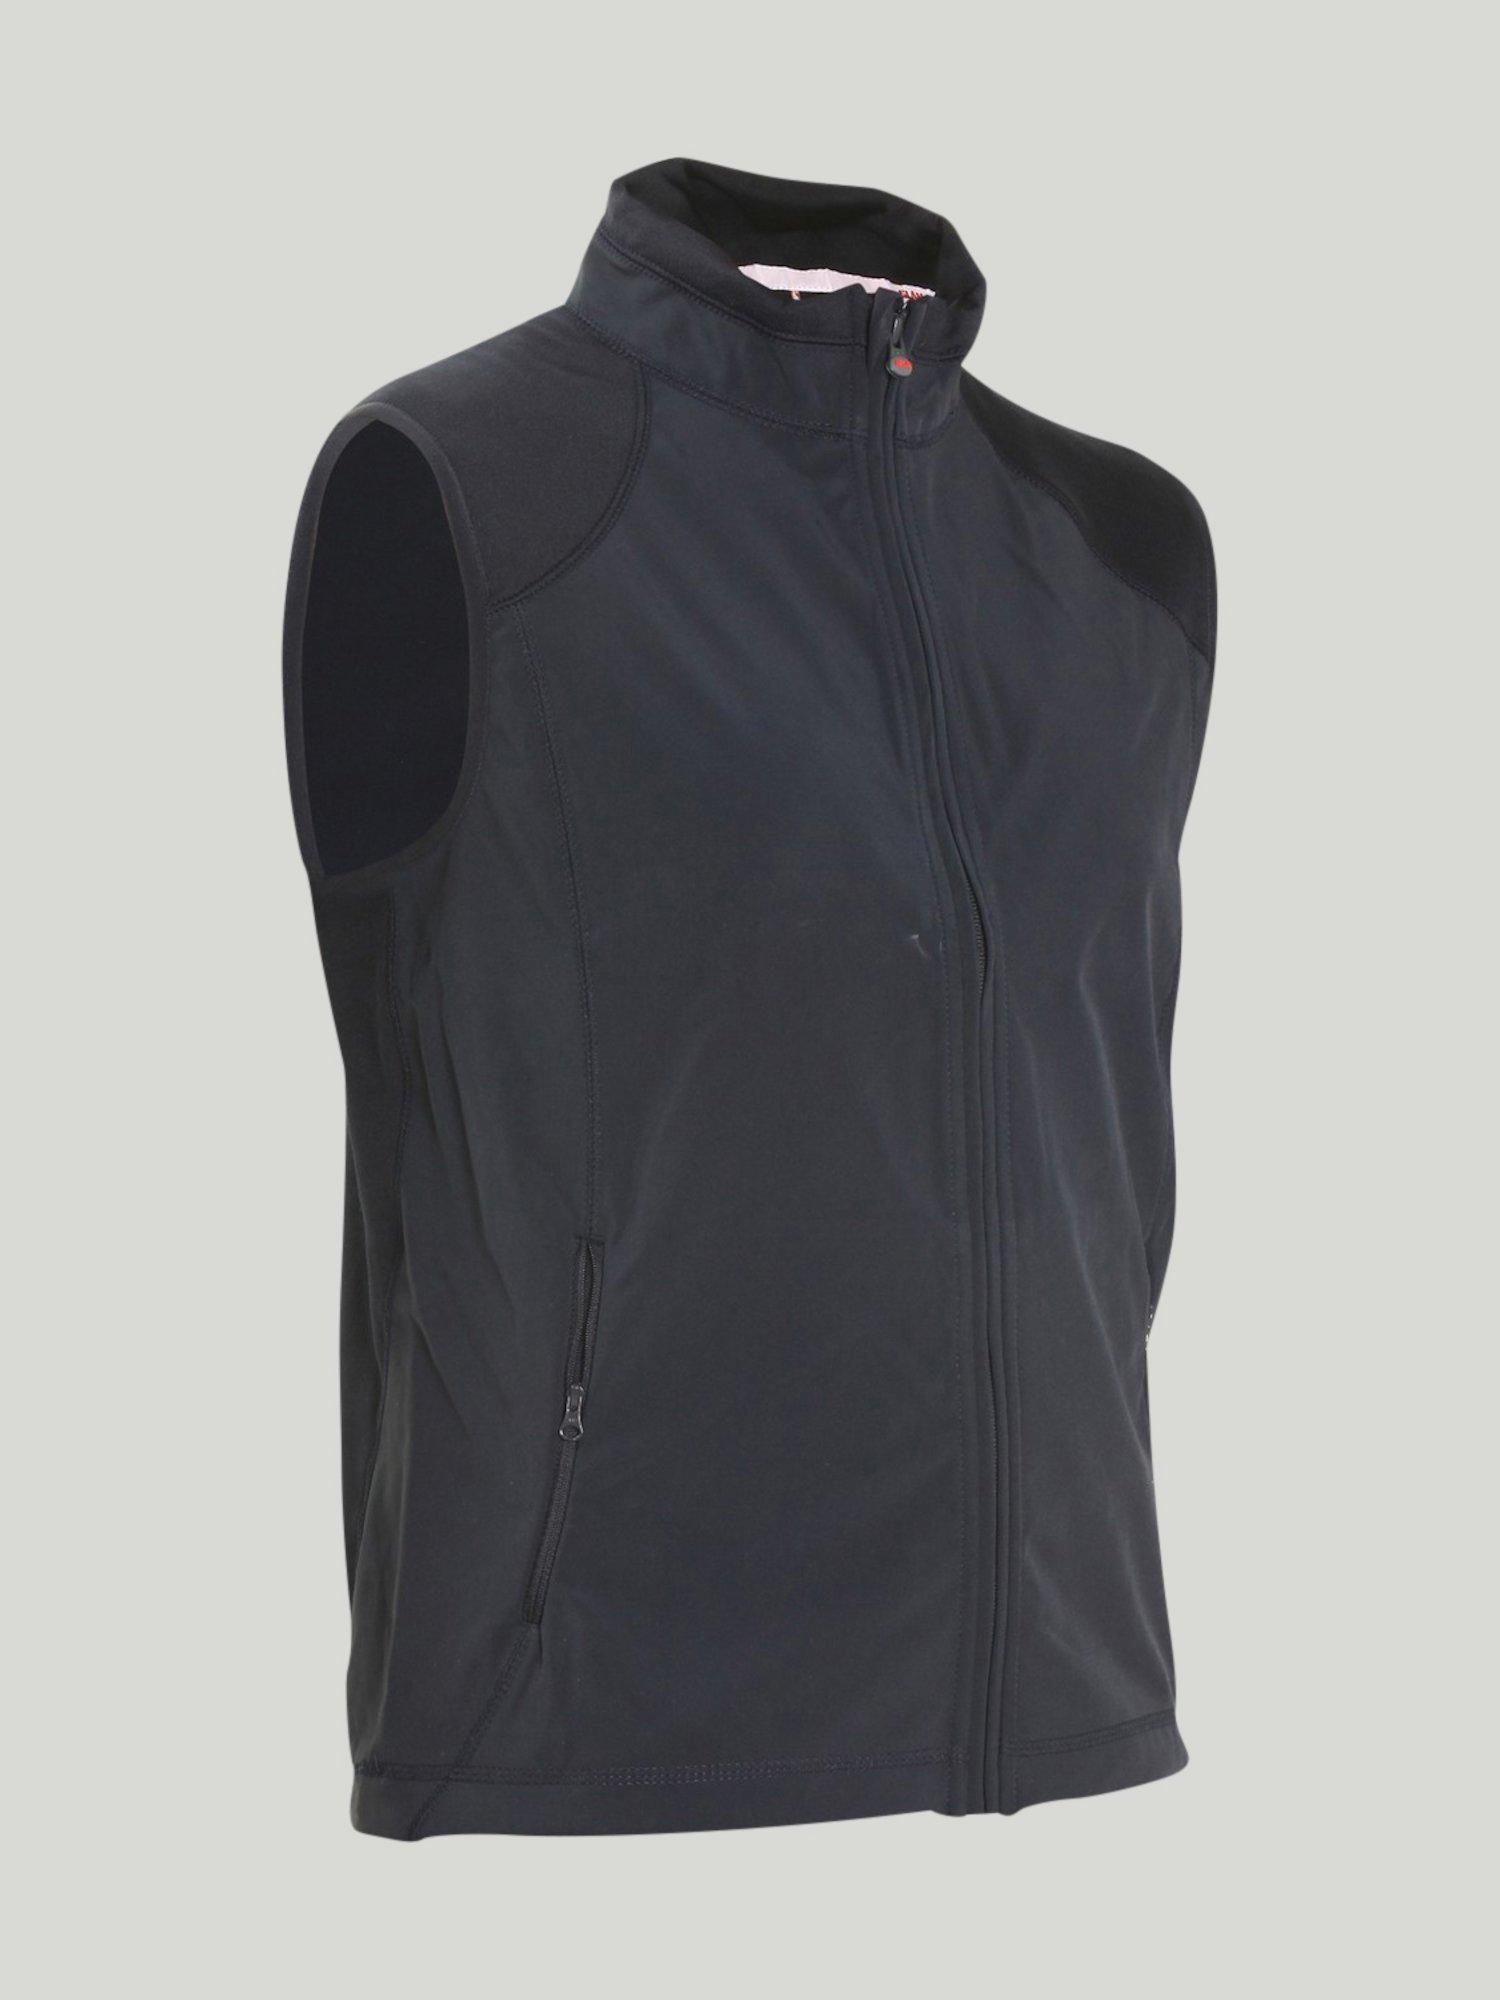 Inwood vest - Navy